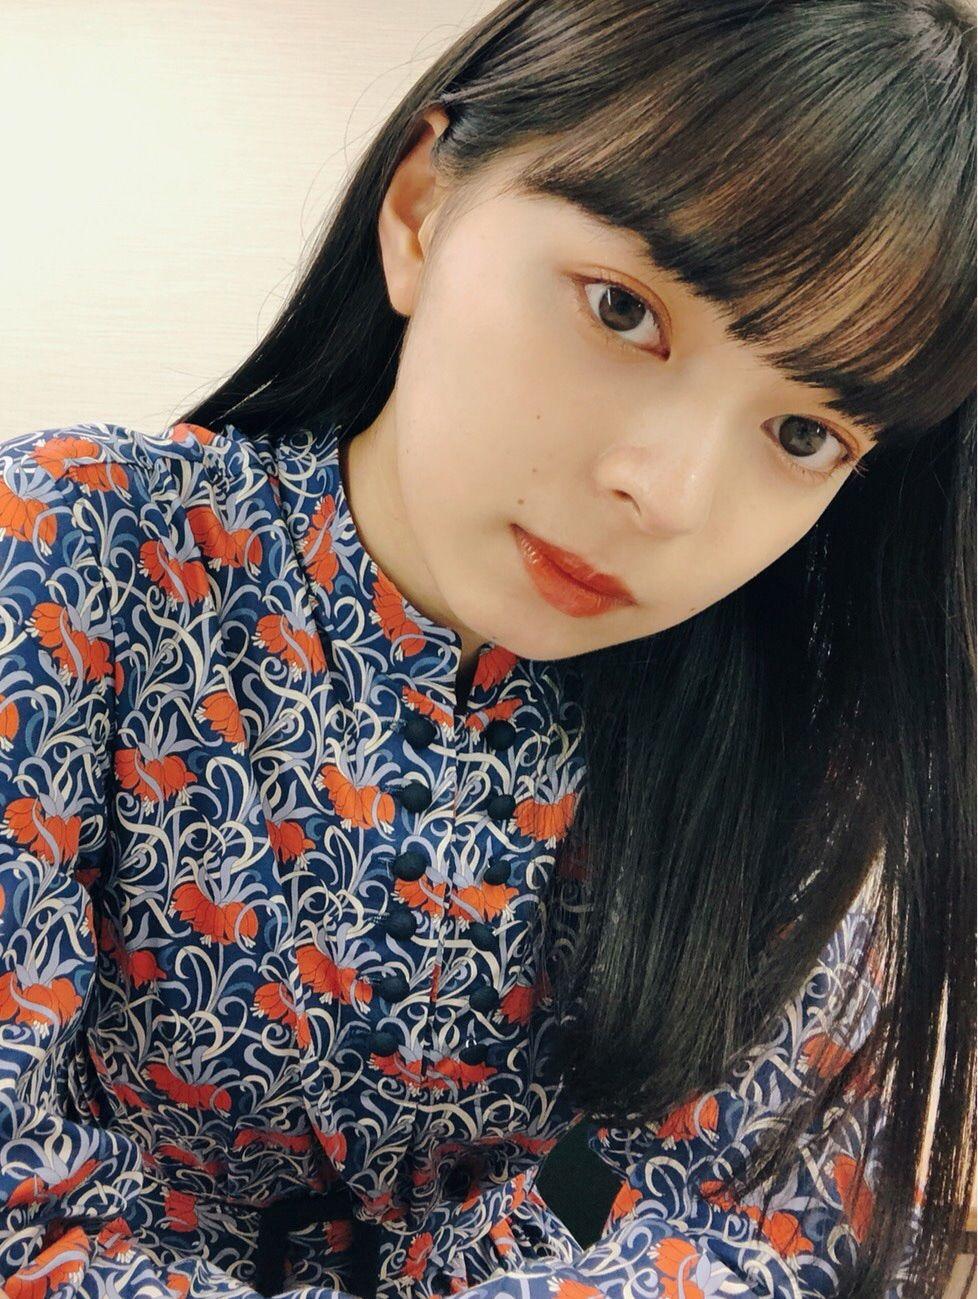 アンジュルムメンバー おめでとう 上國料萌衣 上國料萌衣 アンジュルム 女の子 ファッション